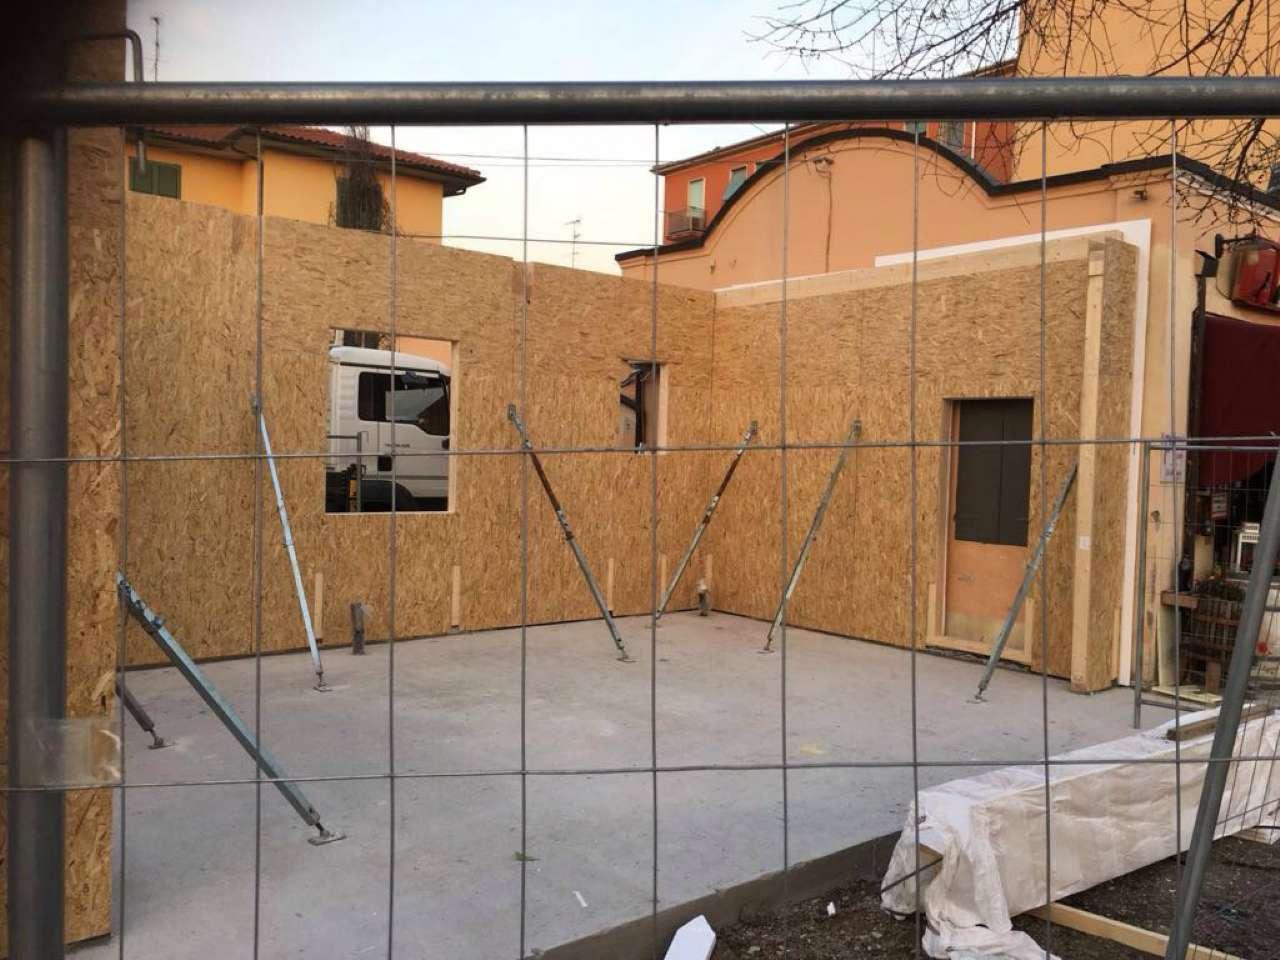 Negozio / Locale in affitto a San Giovanni in Persiceto, 2 locali, prezzo € 1.100 | CambioCasa.it